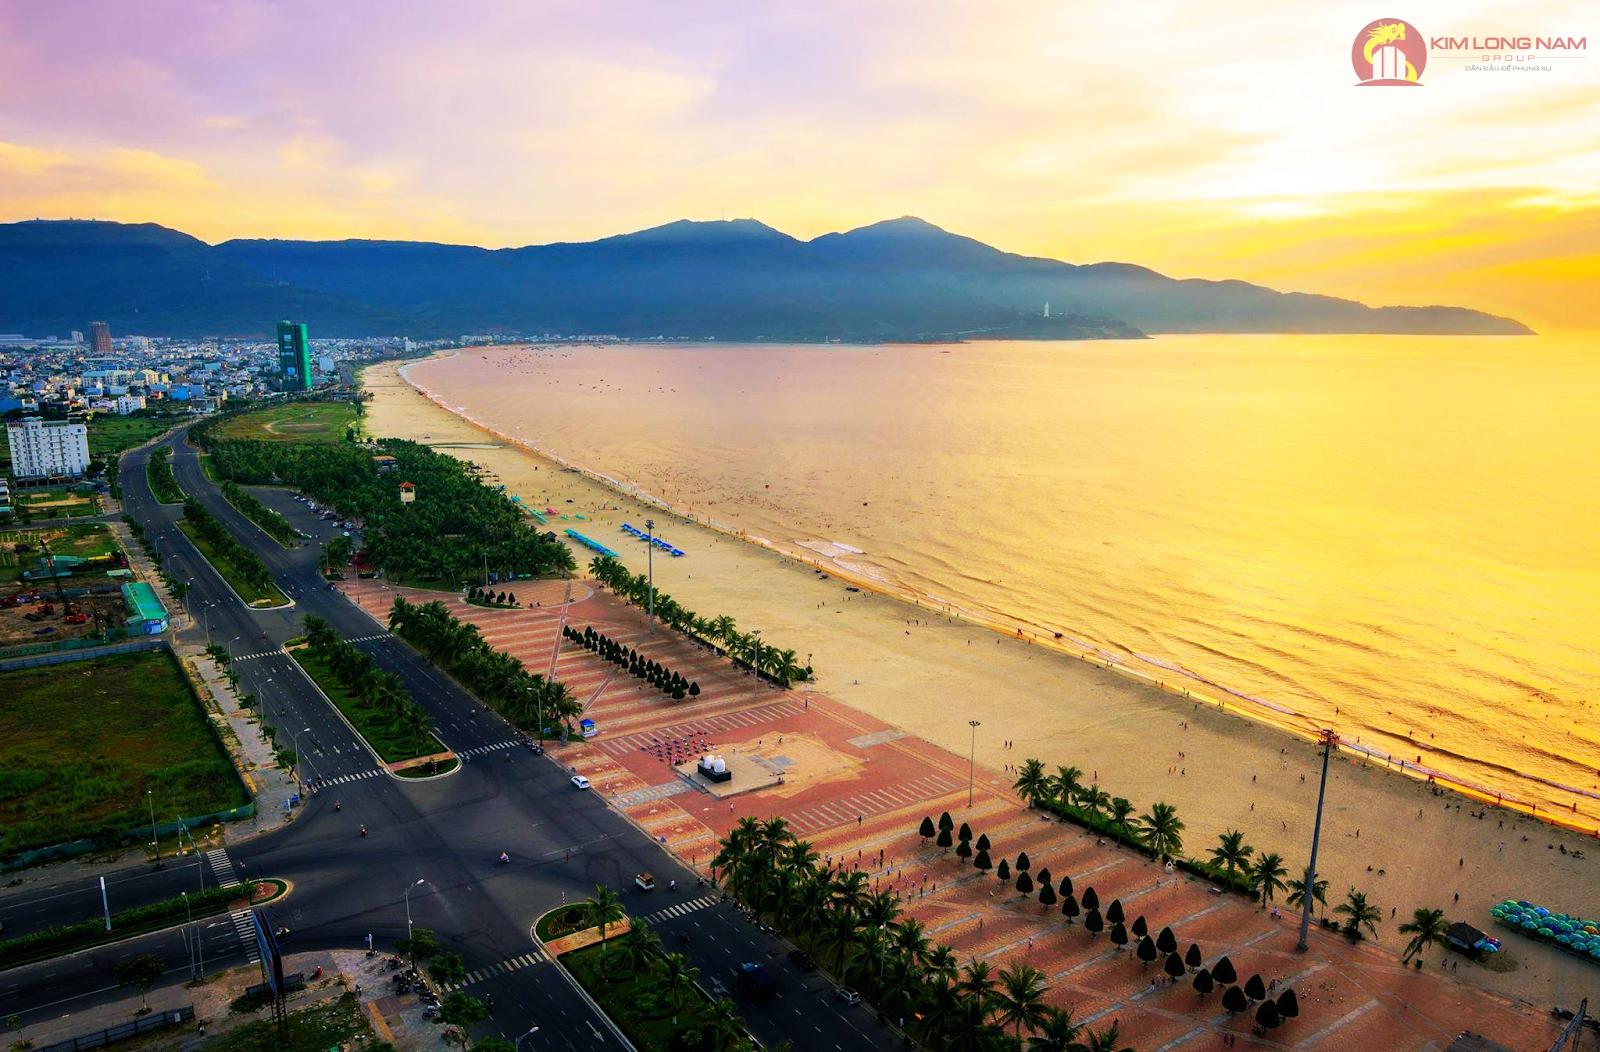 Tiềm năng phát triển du lịch của Đà Nẵng